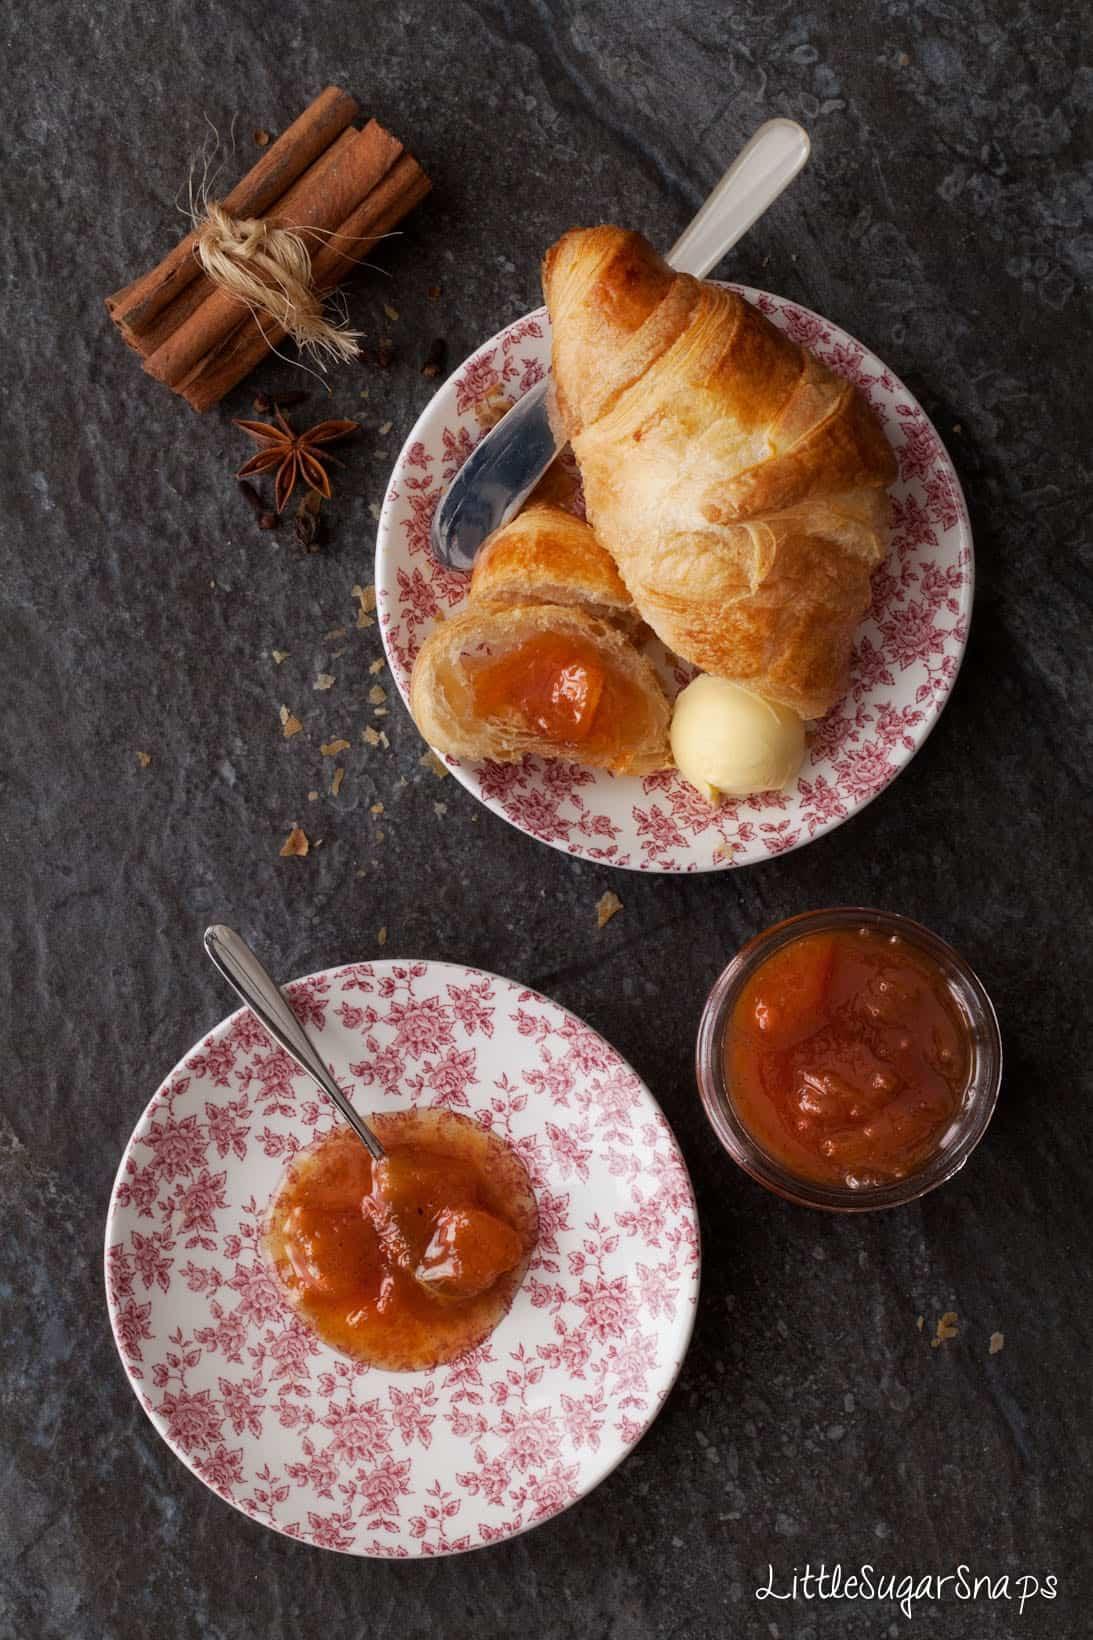 Spiced Peach Jam